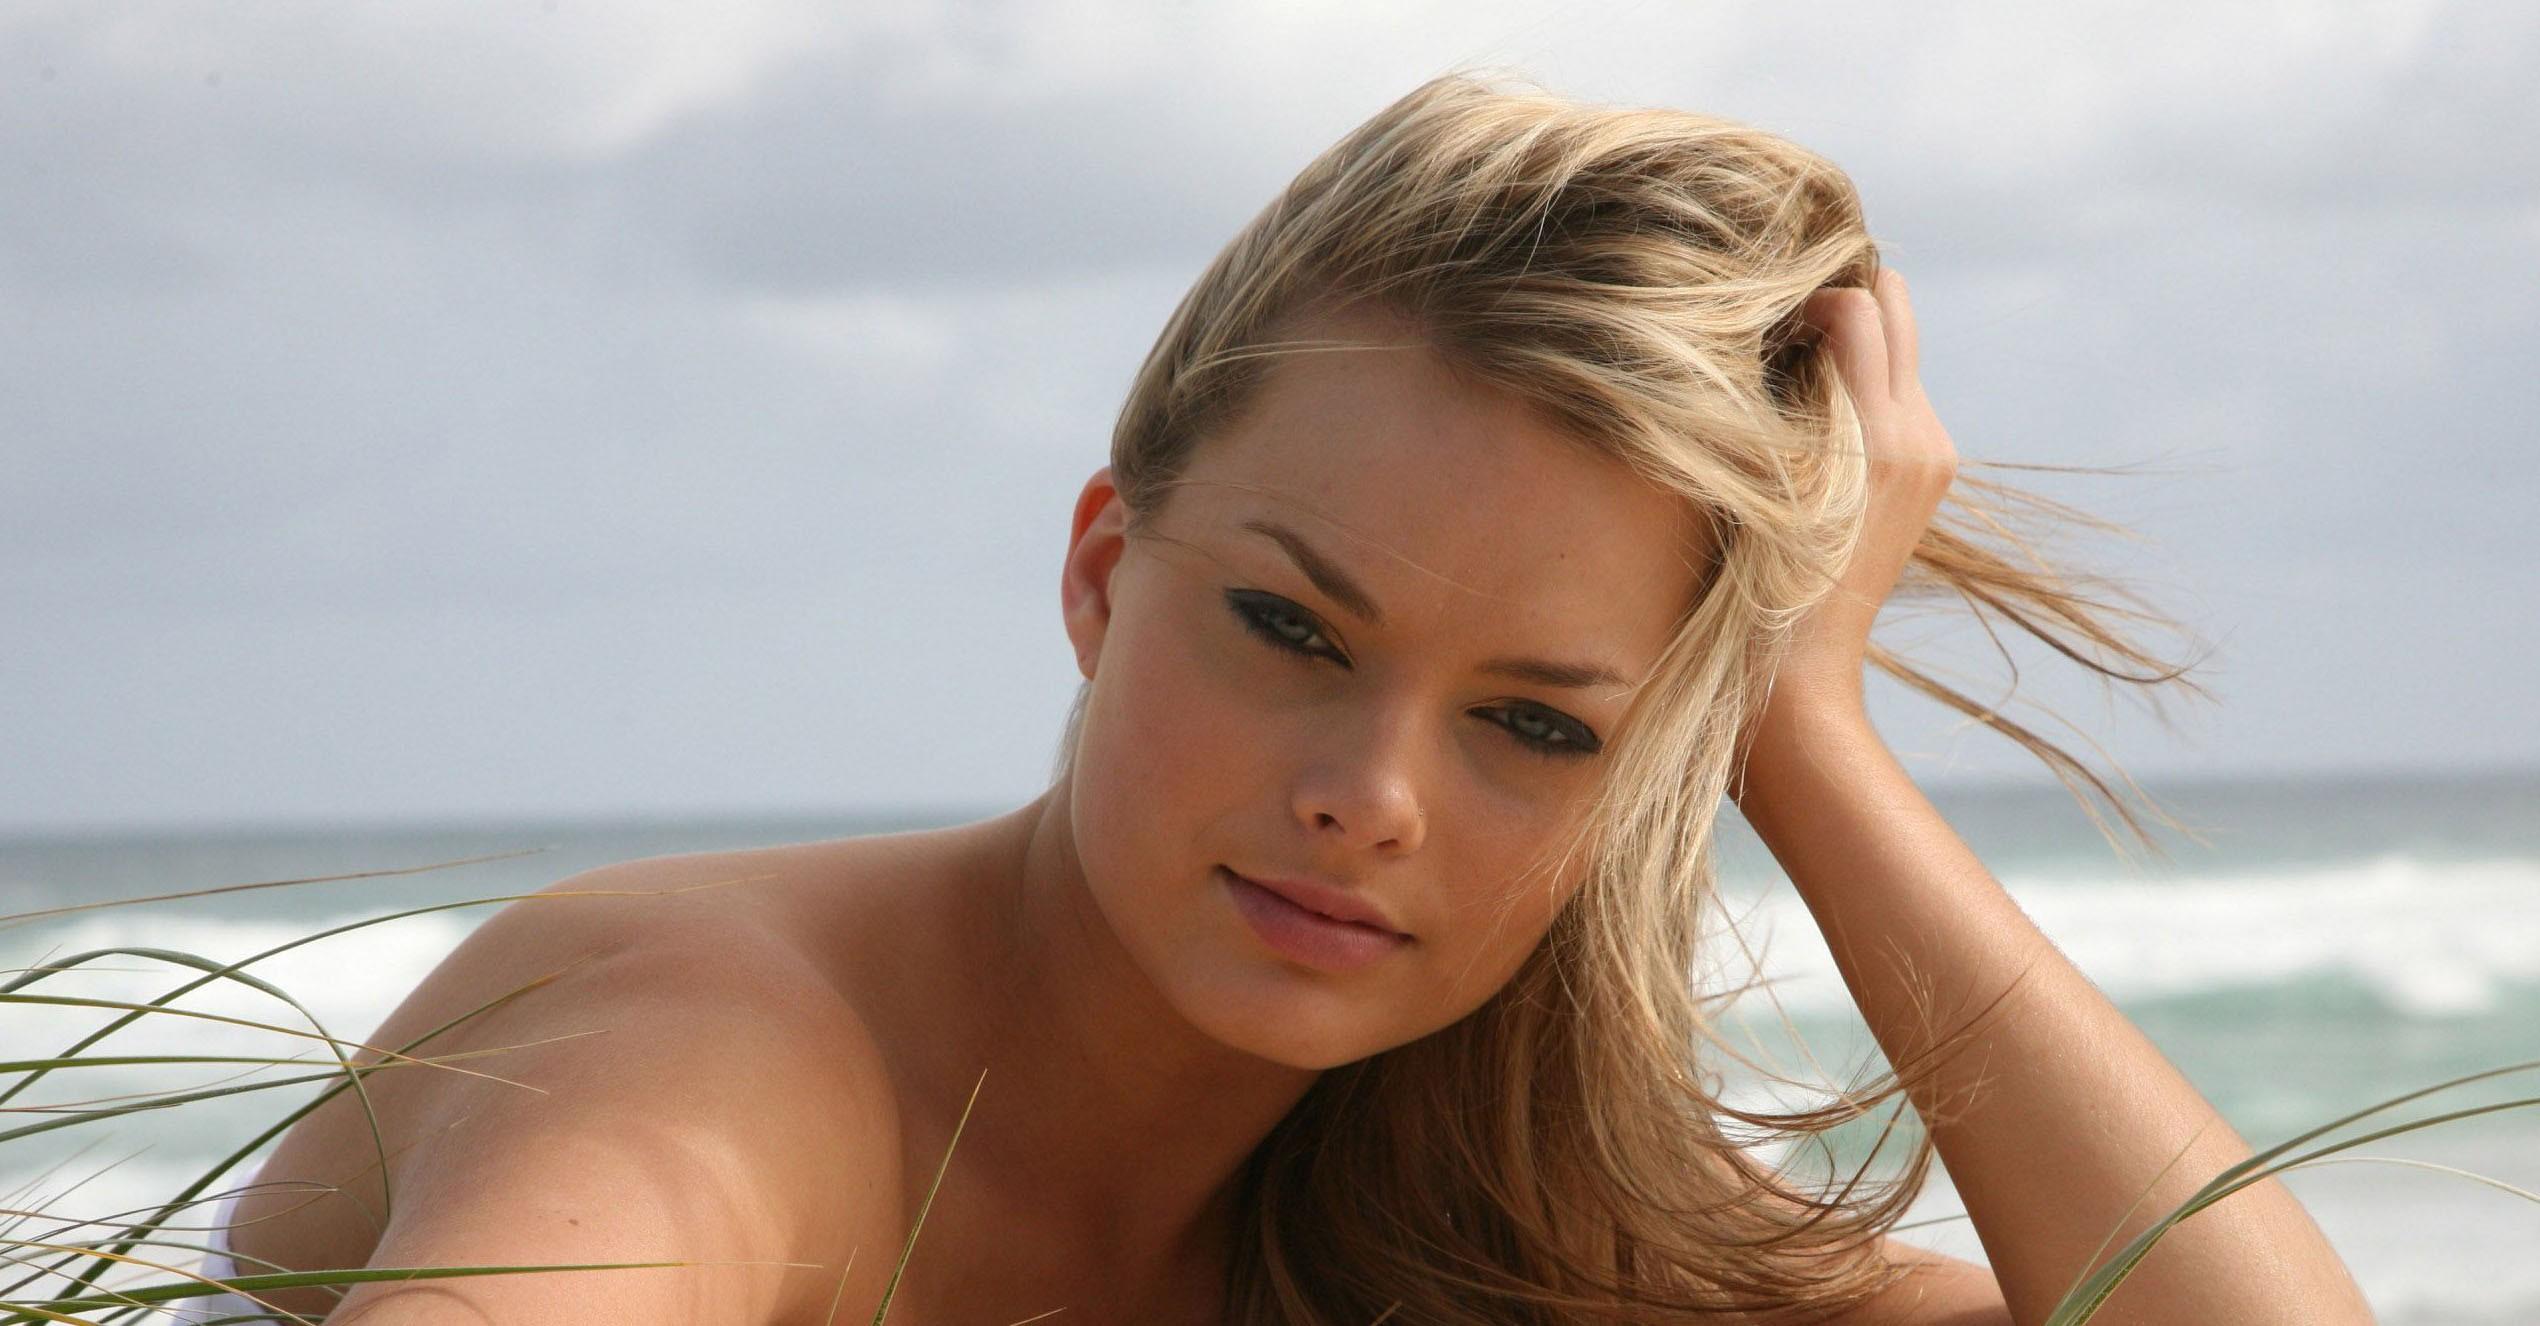 Fond d 39 cran visage femmes maquette blond cheveux longs yeux bleus actrice robe margot - Actrice yeux bleus ...